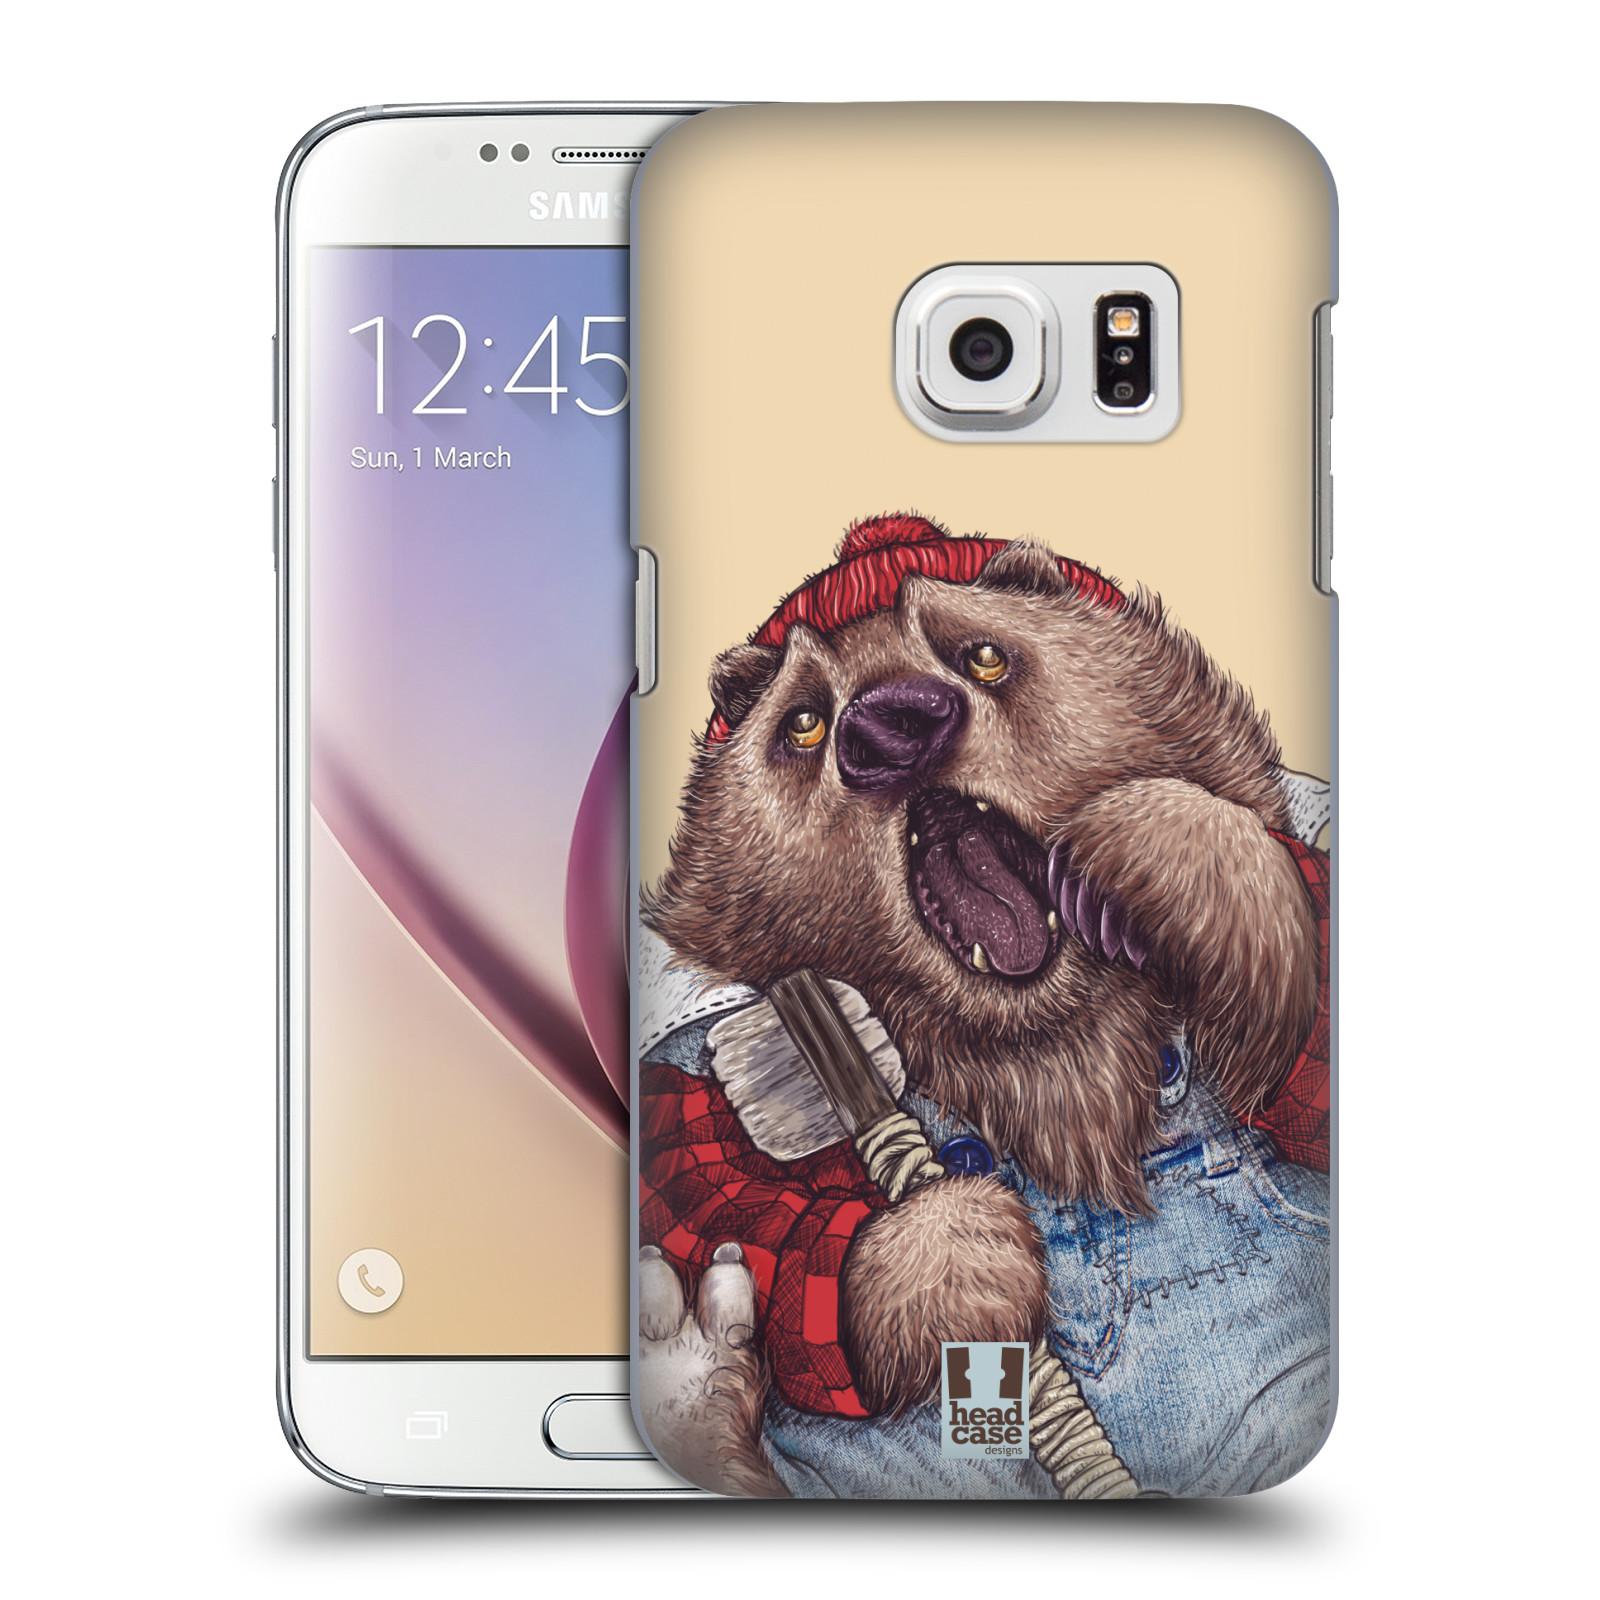 Plastové pouzdro na mobil Samsung Galaxy S7 HEAD CASE ANIMPLA MEDVĚD (Kryt či obal na mobilní telefon Samsung Galaxy S7 SM-G930F)